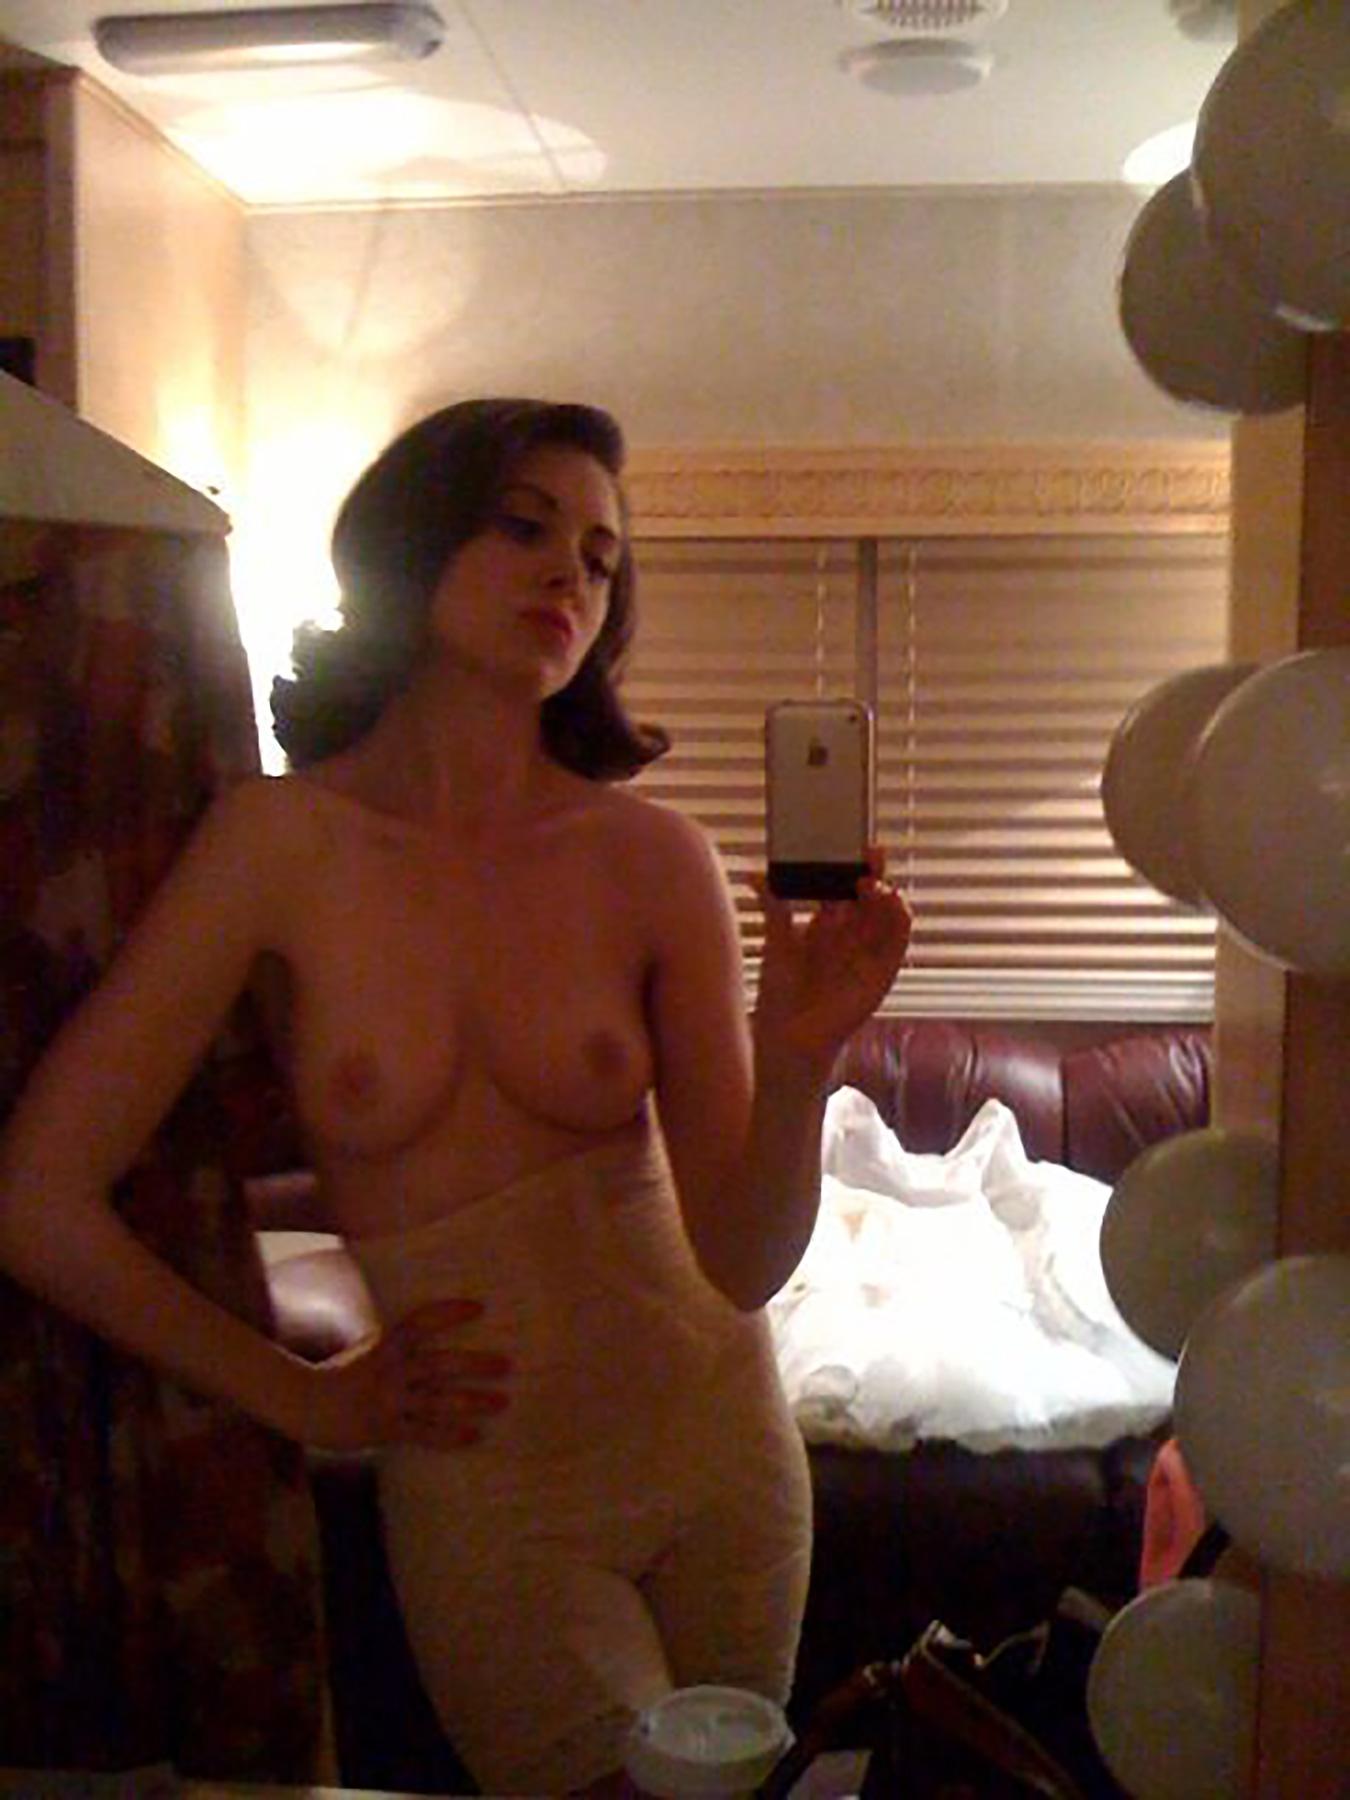 Alison Brie Glow Boobs nuevo ] alison brie desnuda porno fotos